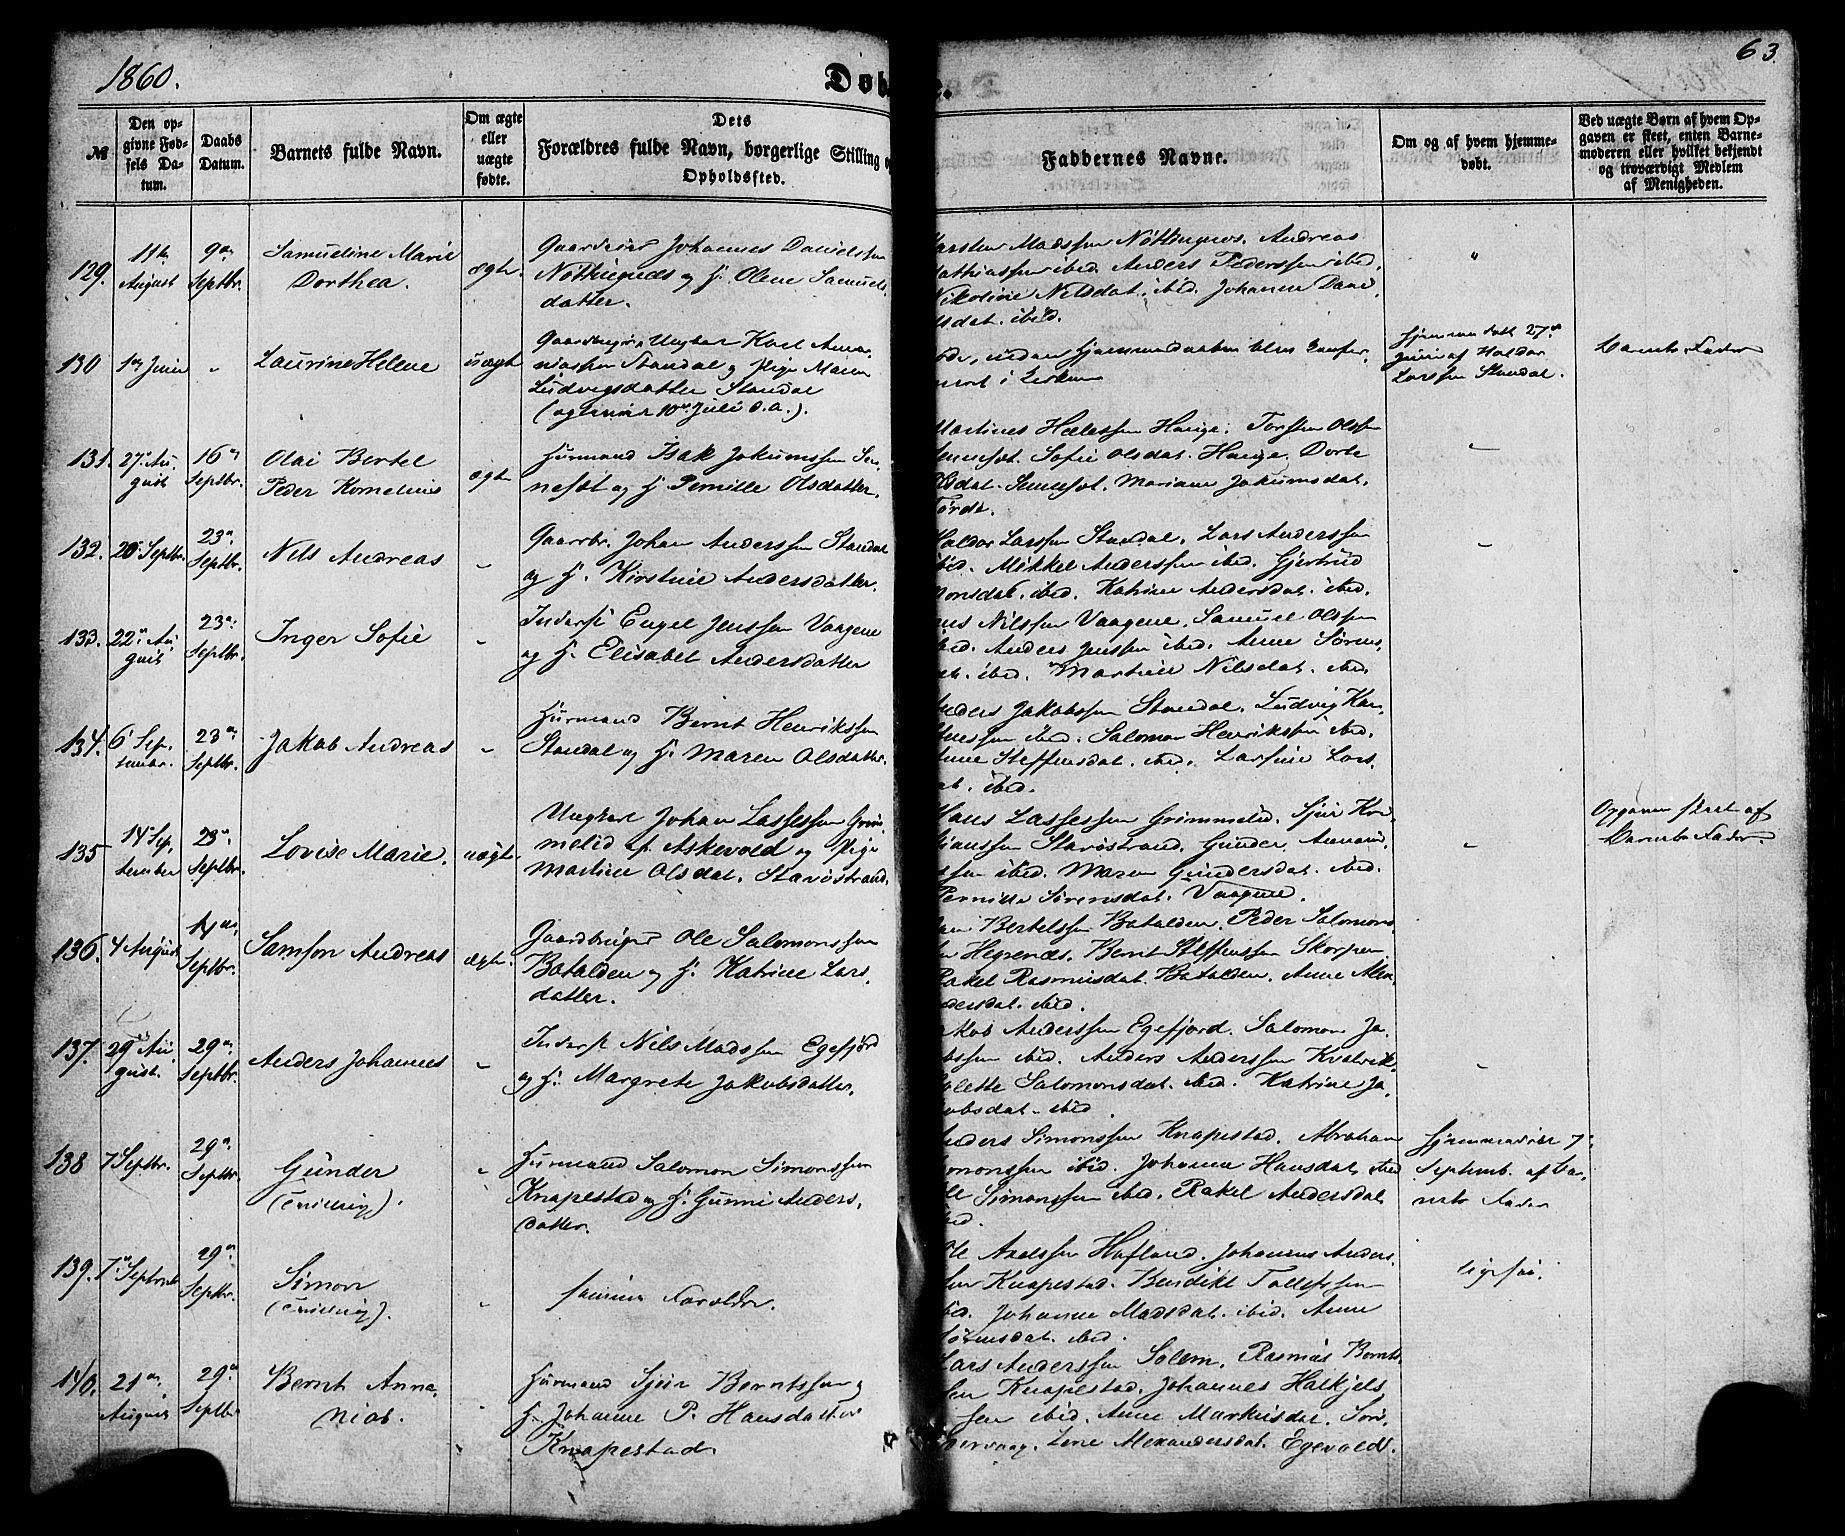 SAB, Kinn Sokneprestembete, Ministerialbok nr. A 6, 1857-1885, s. 63